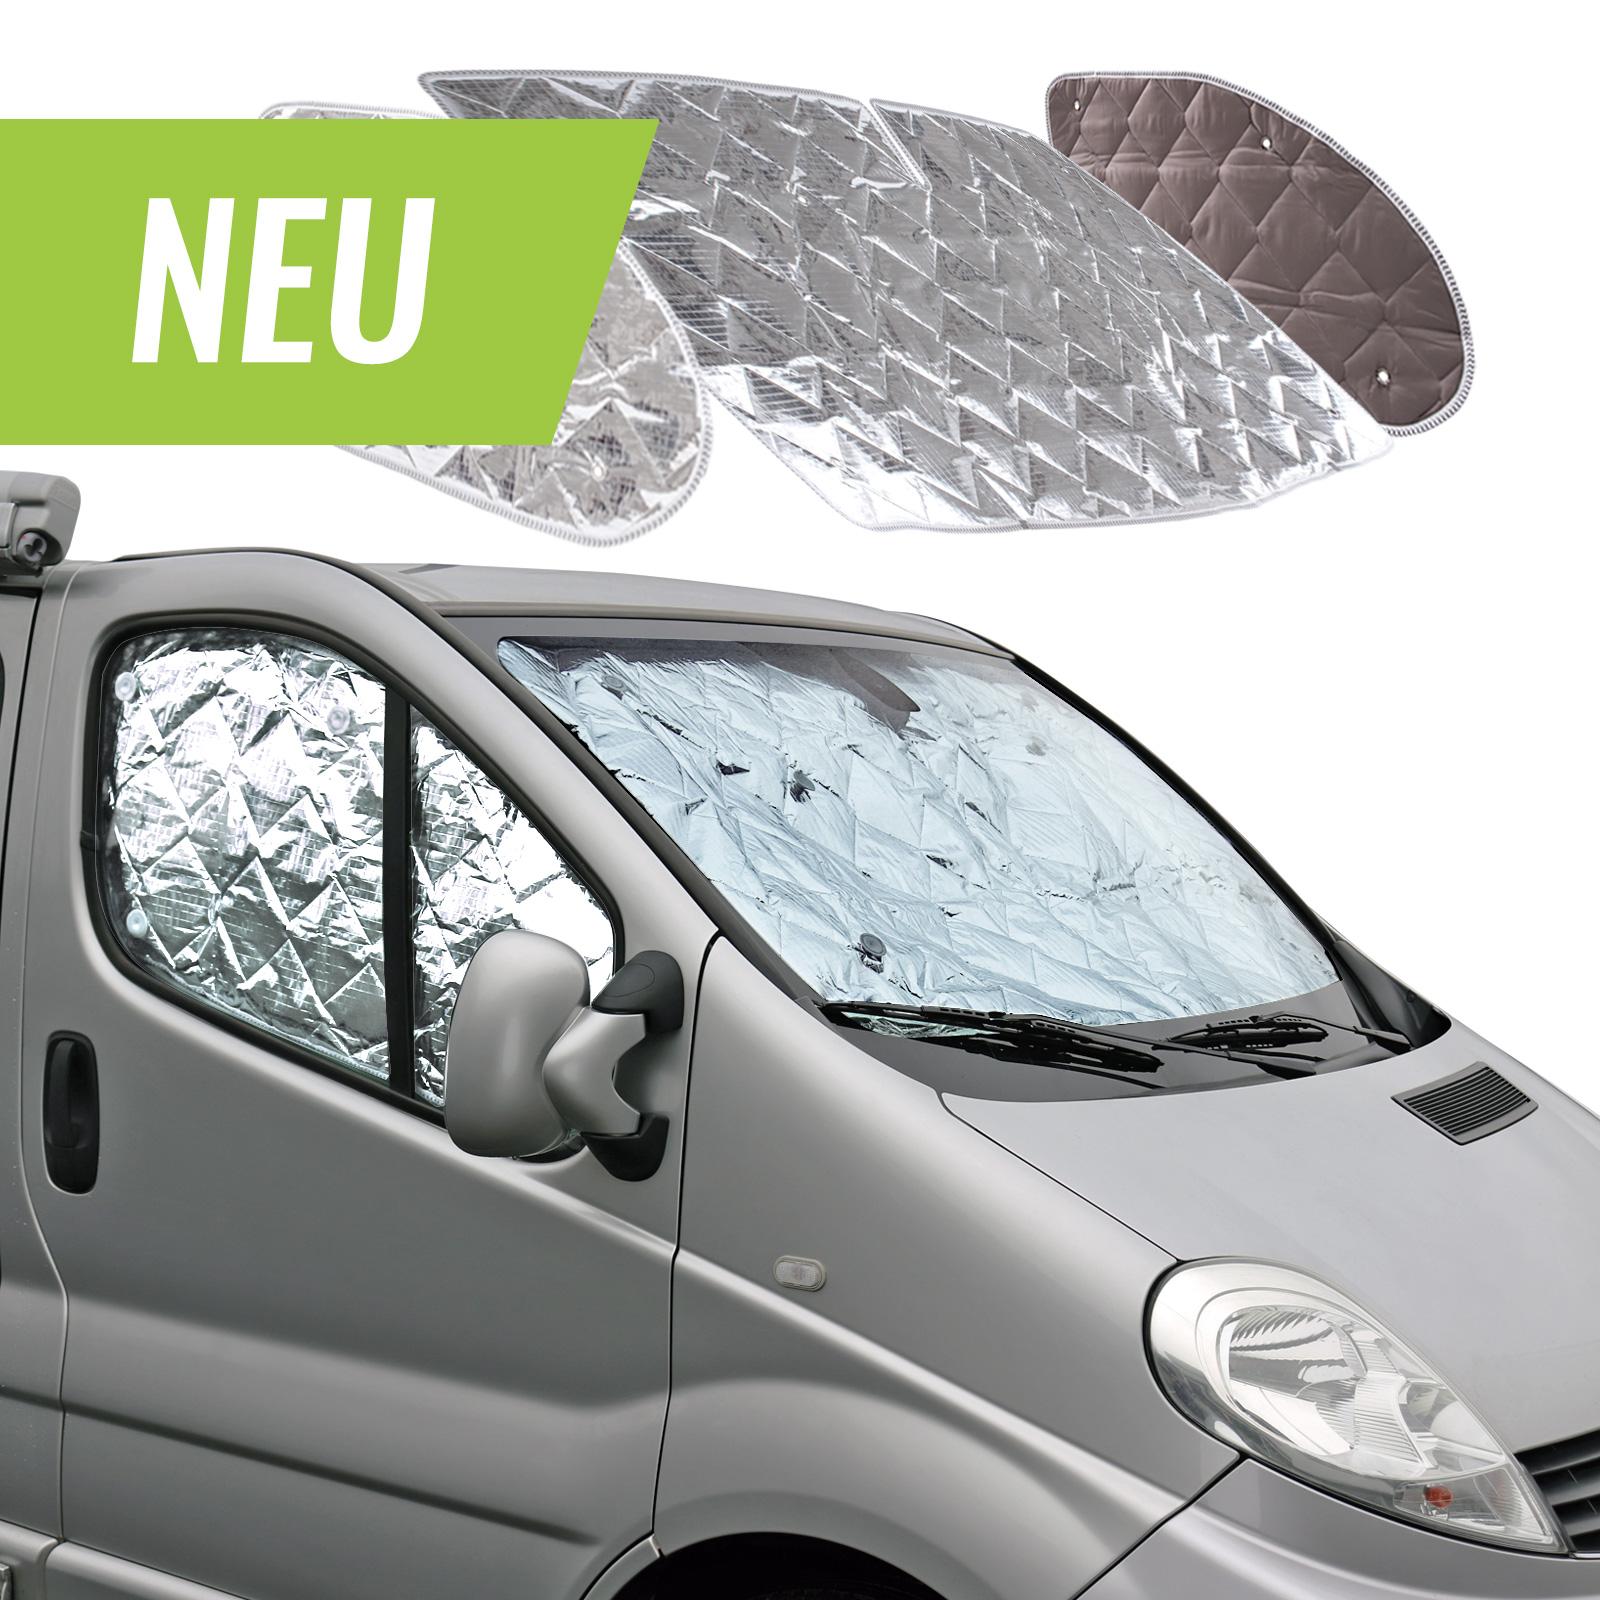 deiwo® | Thermomatte für das Fahrerhaus 3 teilig für Sommer & Winter